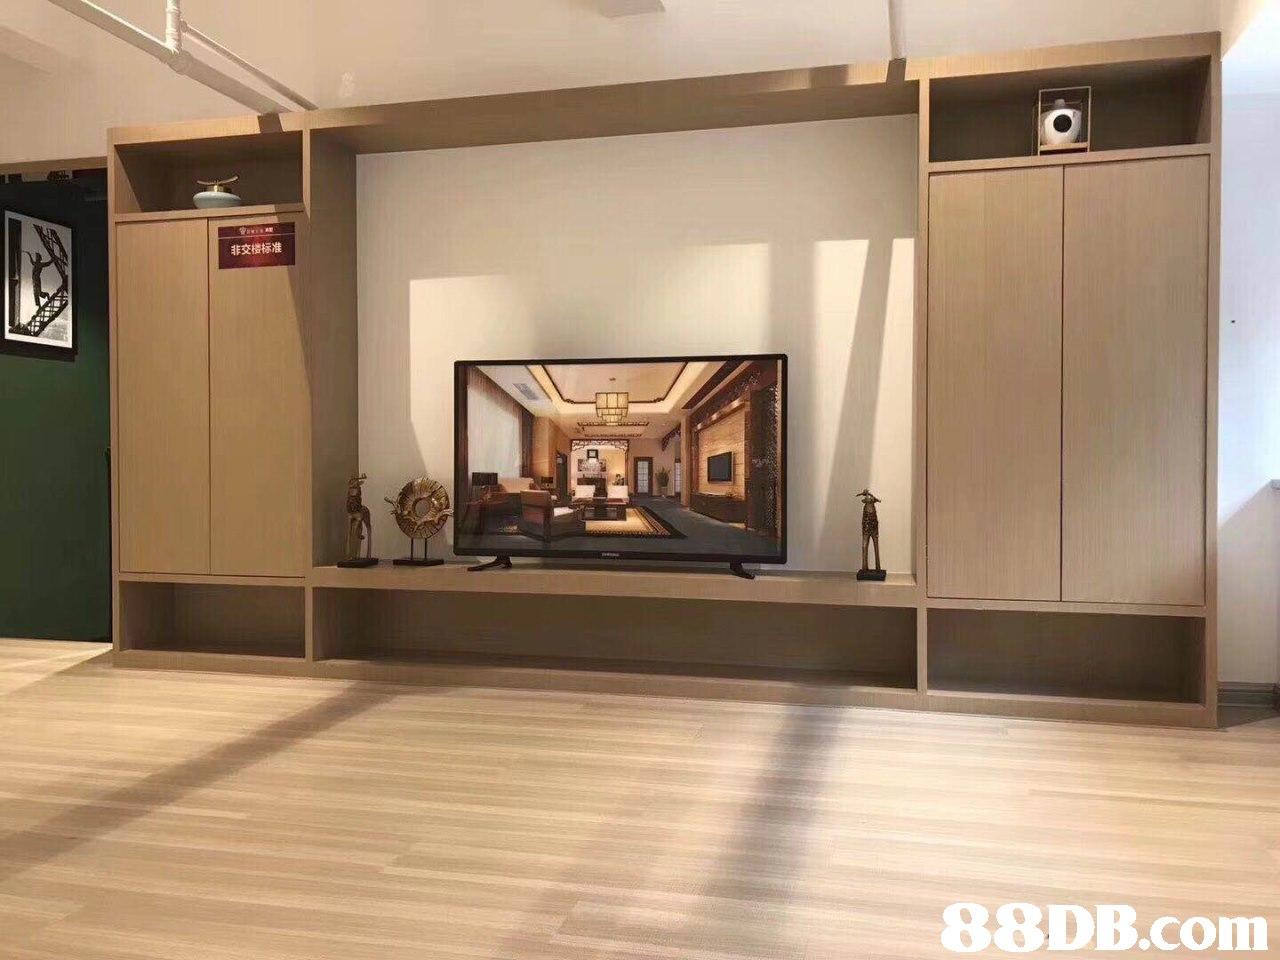 非交楼标准,property,floor,room,flooring,wood flooring